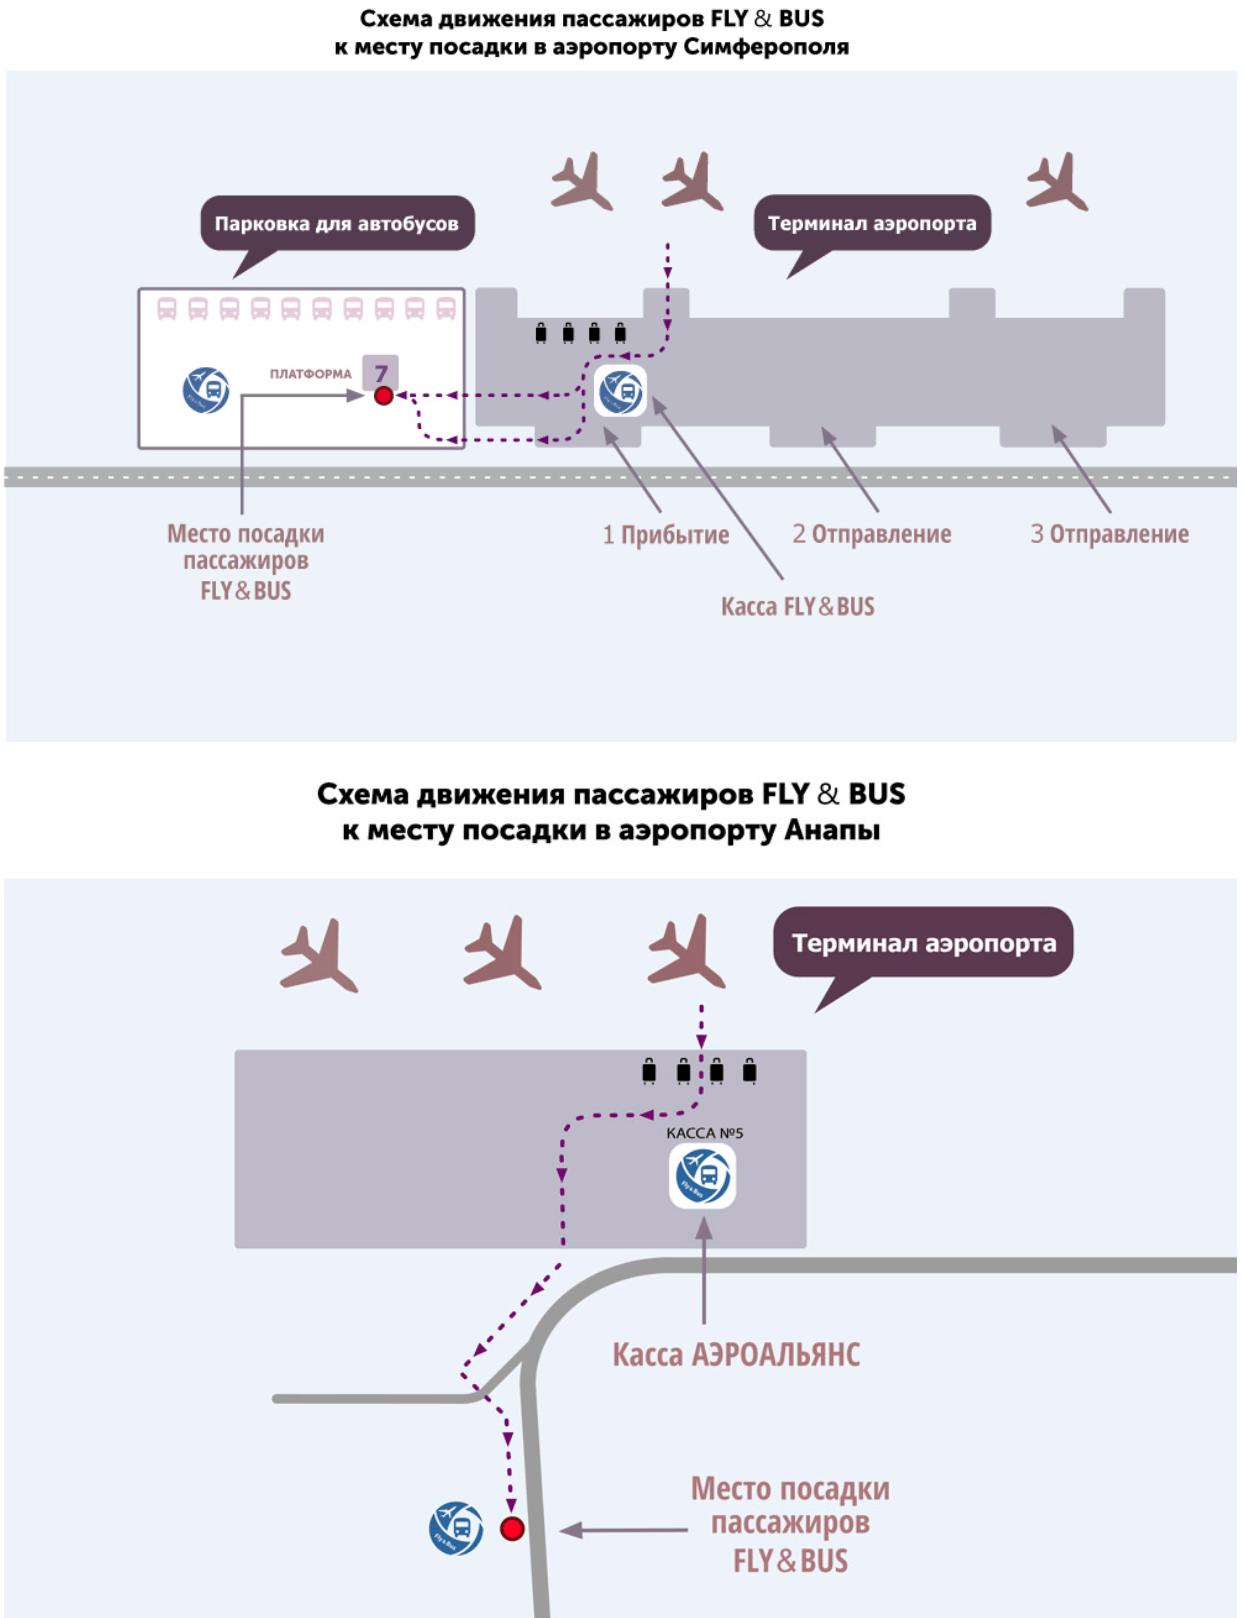 Схема движения в аэропорту Симферополя и Анапы Единый билет до Крыма